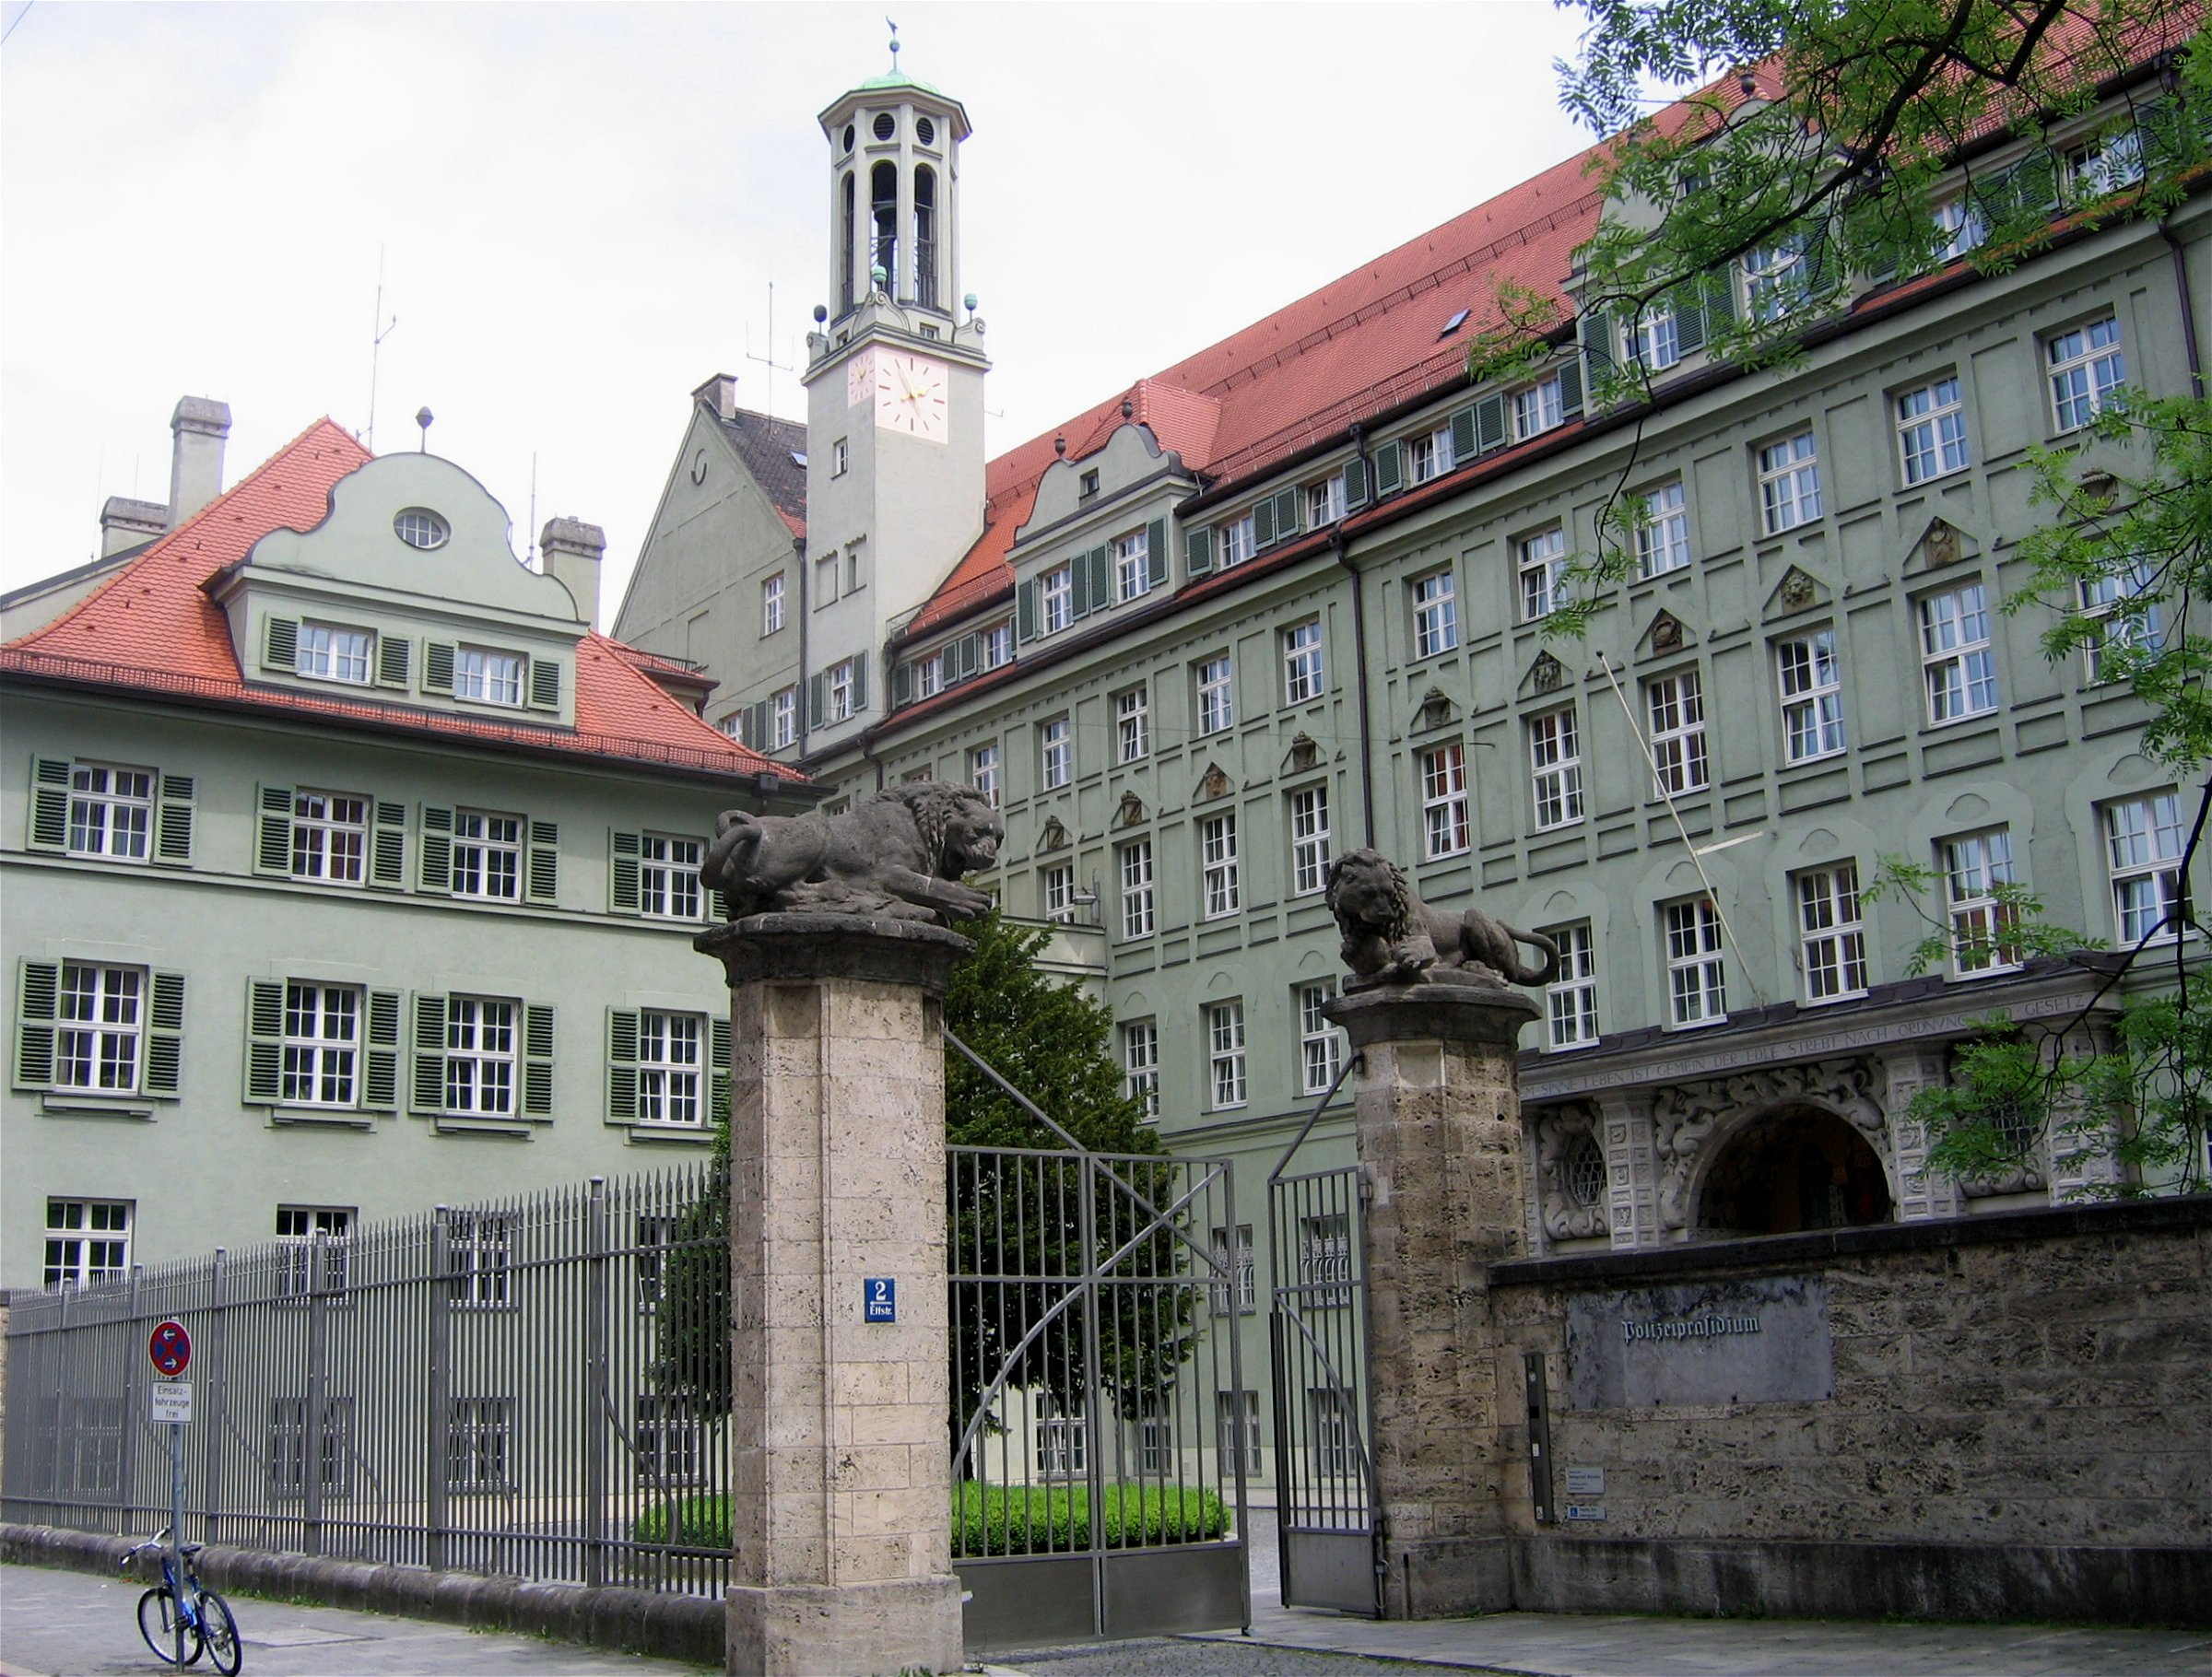 Hat die Verbindungs- und Ortsdaten von 70.000 Handys: Polizeipräsidium München. Bild: Rufus46, Lizenz: Creative Commons BY-SA 3.0.